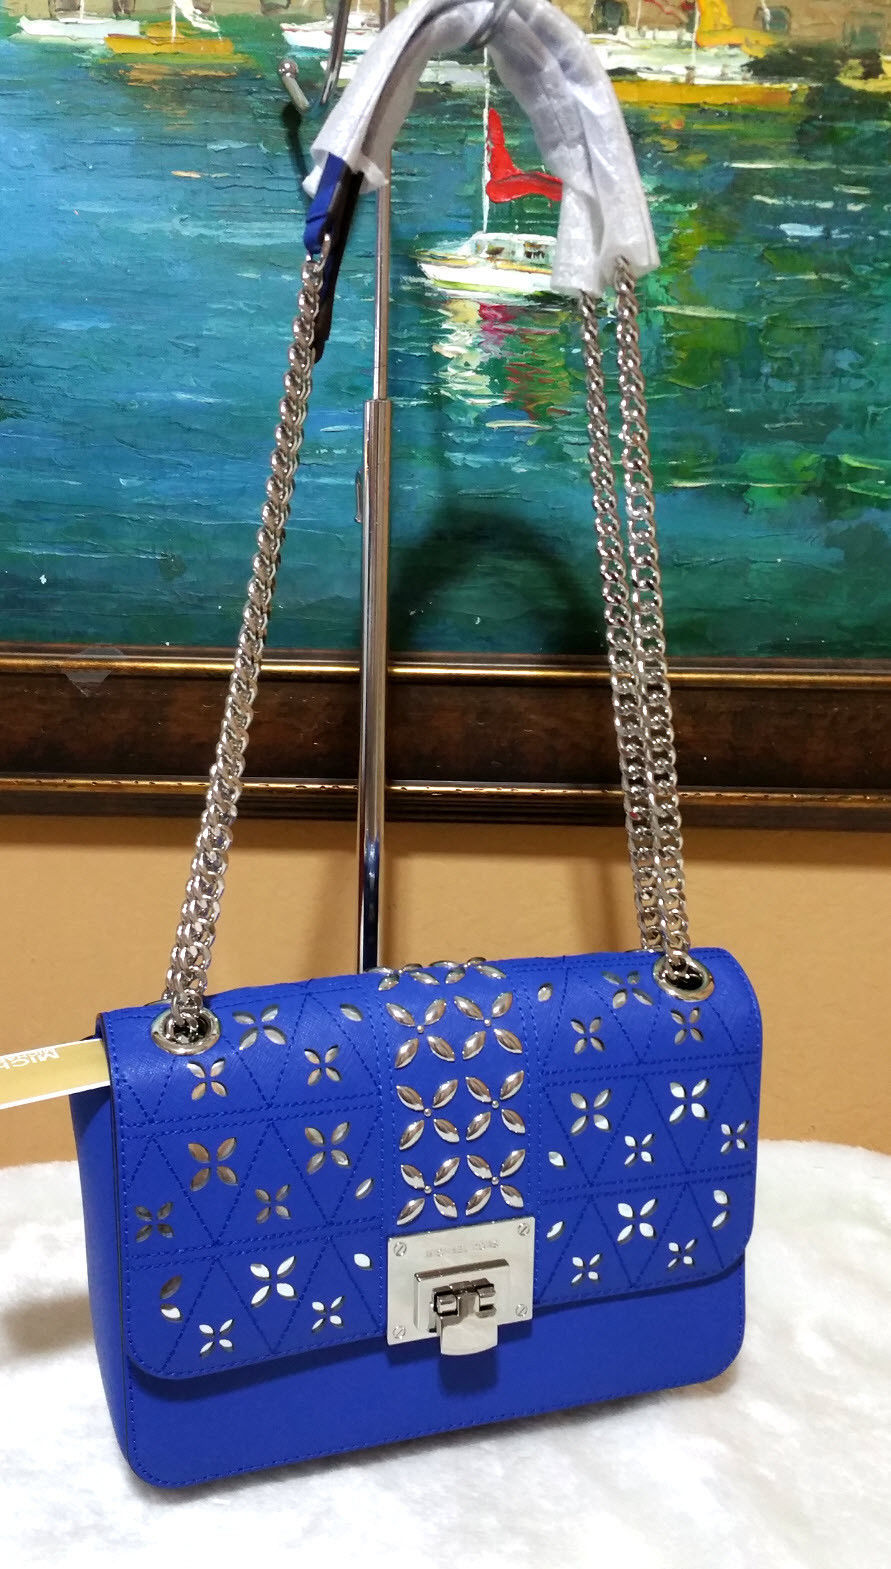 16c8d4aa2dc1 Michael Kors Tina Stud Medium Clutch Bag and 50 similar items. 57